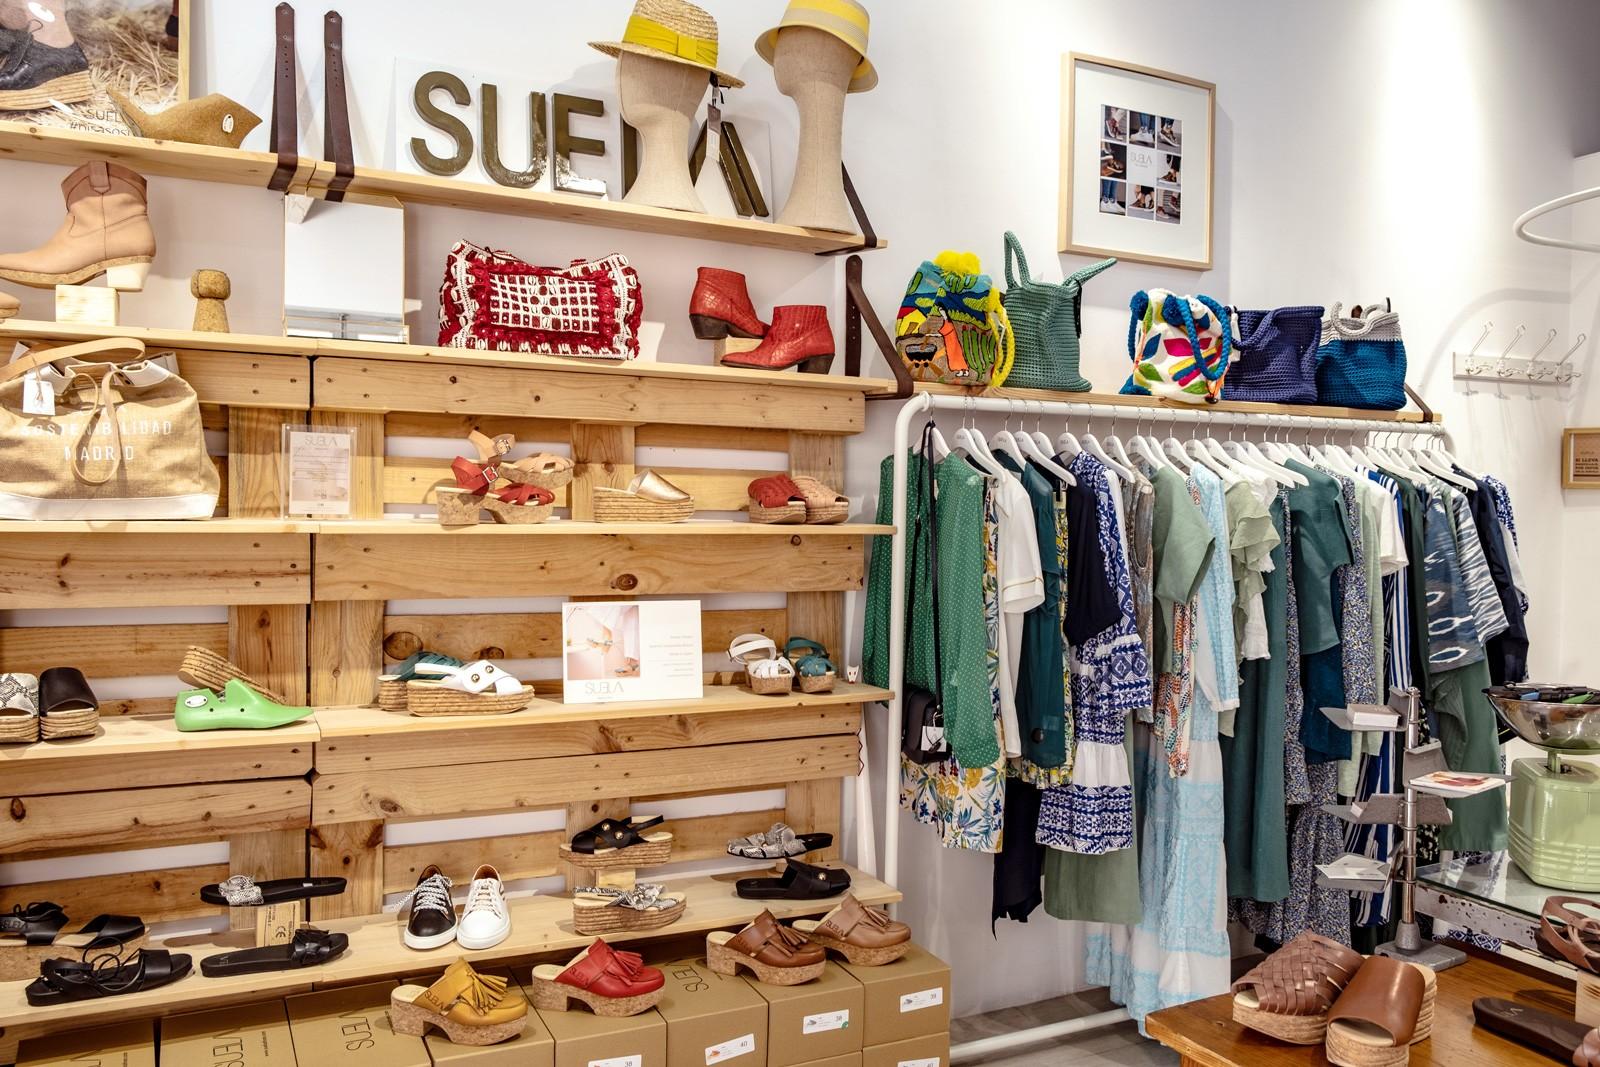 suela shop